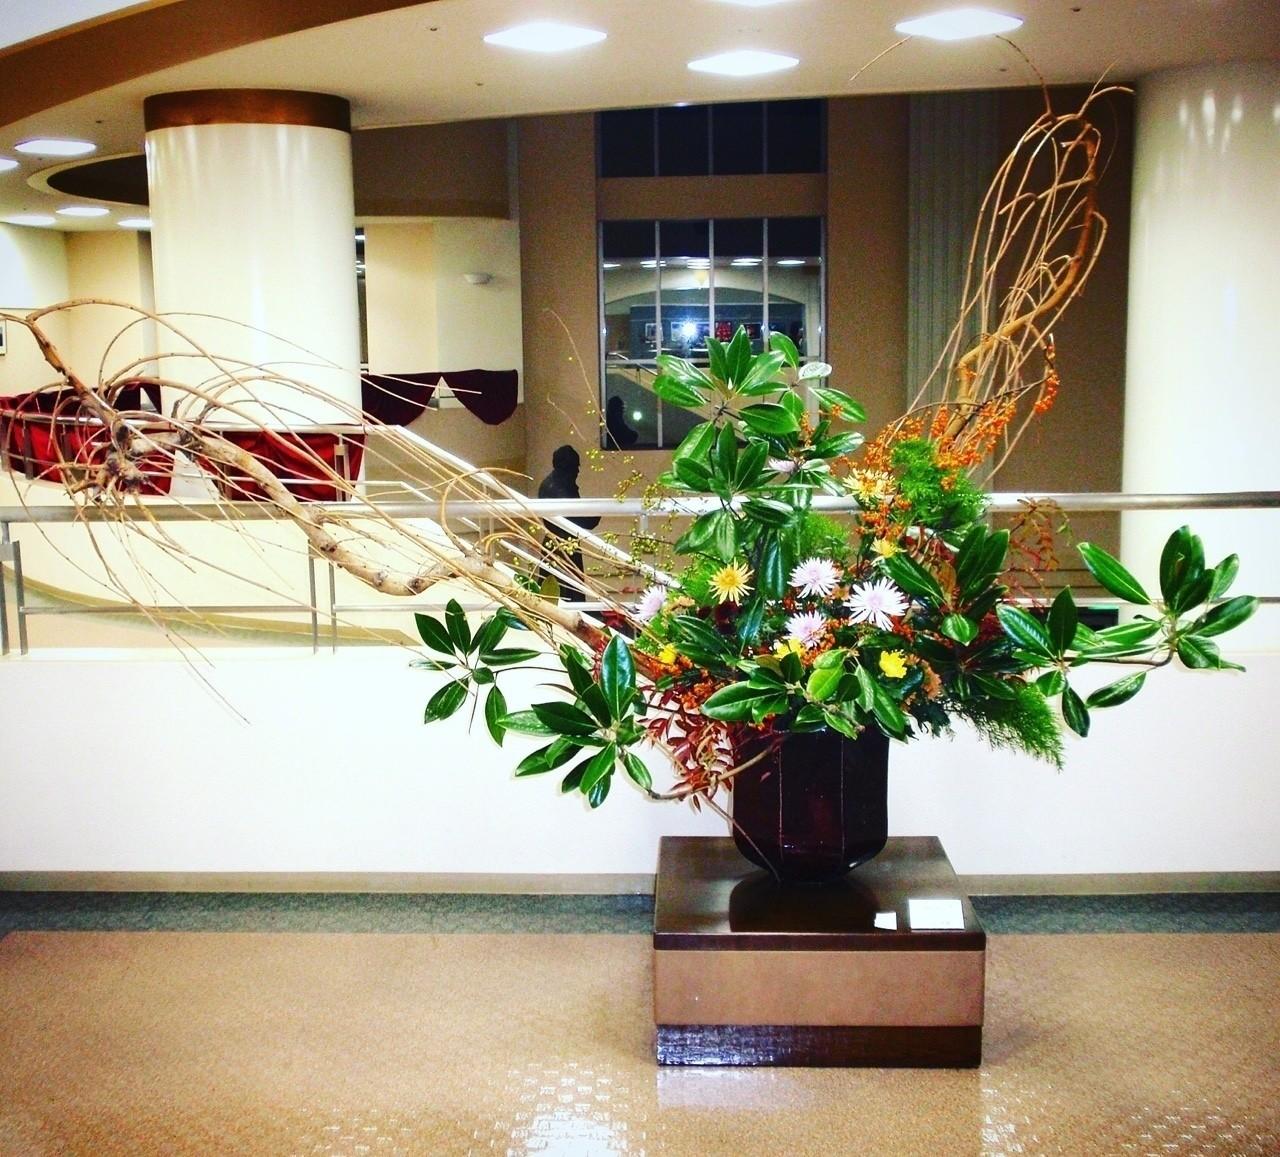 しだれ桑、泰山木、ツルウメモドキ、糸菊、ナナカマド  大学4年の学祭にて展示した個人作品。  いつも華道部でお世話になってた花屋さんで「大きなしだれ桑の枝がほしいんです!」と相談したところ、通常1〜2万円かかるところを「倉庫に買い手がない枝があるから、2本で2000円でいいよ」と格安で譲ってもらった。 生け込みの前日に大学の近所のお好み焼き屋さんに行ったら、お店のおばちゃんが趣味で毎年富士山の裾野でツルウメモドキを大量に取ってきていて、それをたくさん分けてくれた。 沢山の偶然と真心でできた作品です。